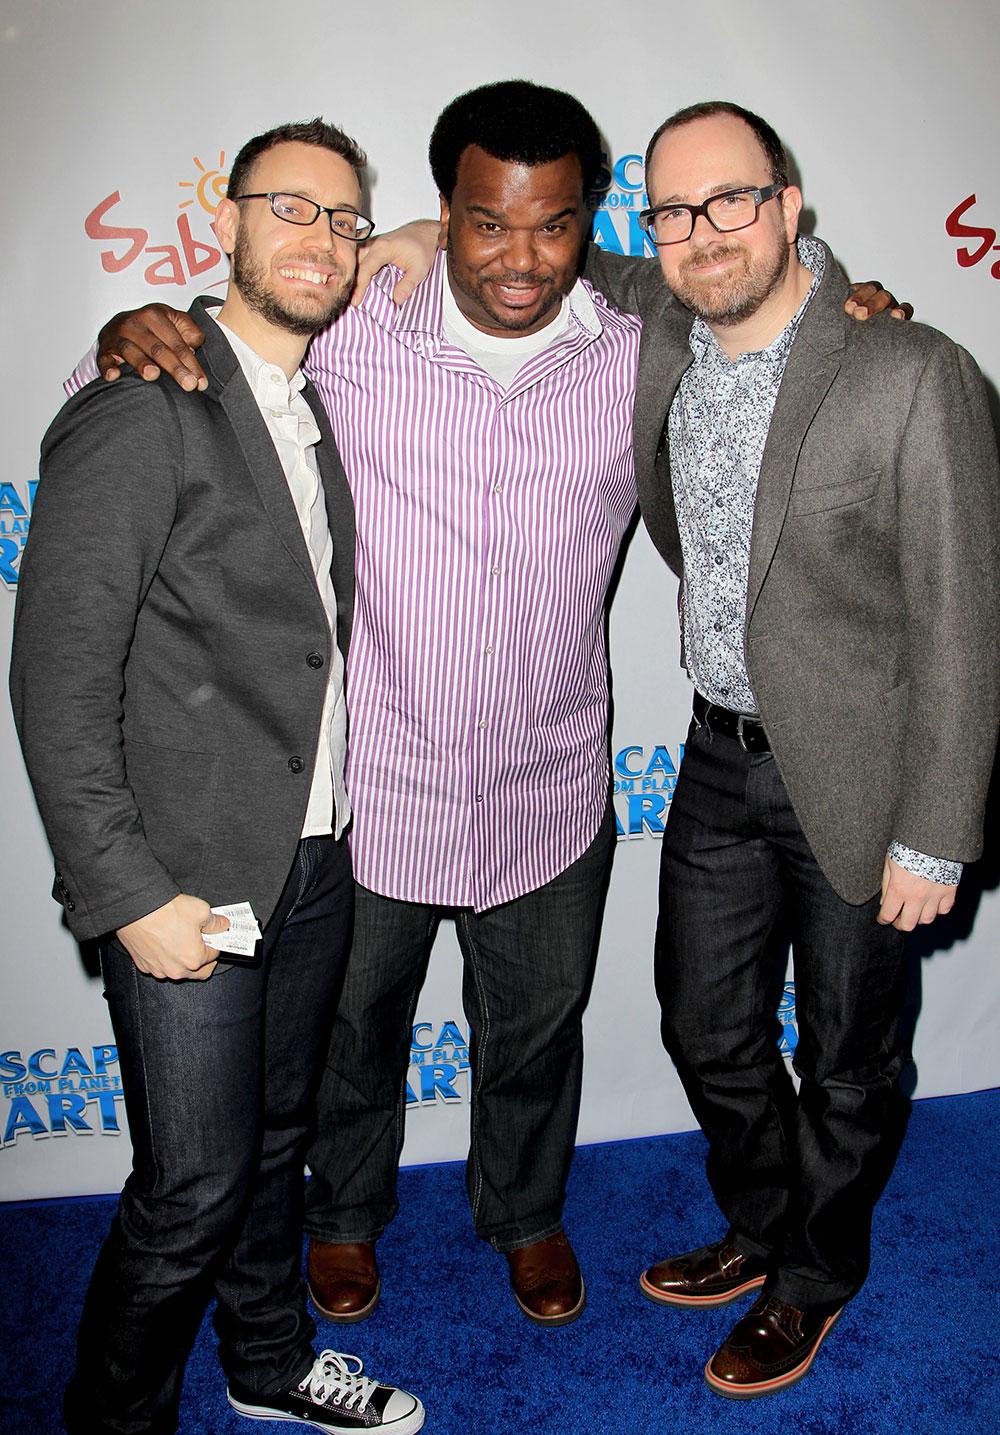 Bob, Craig & Cal